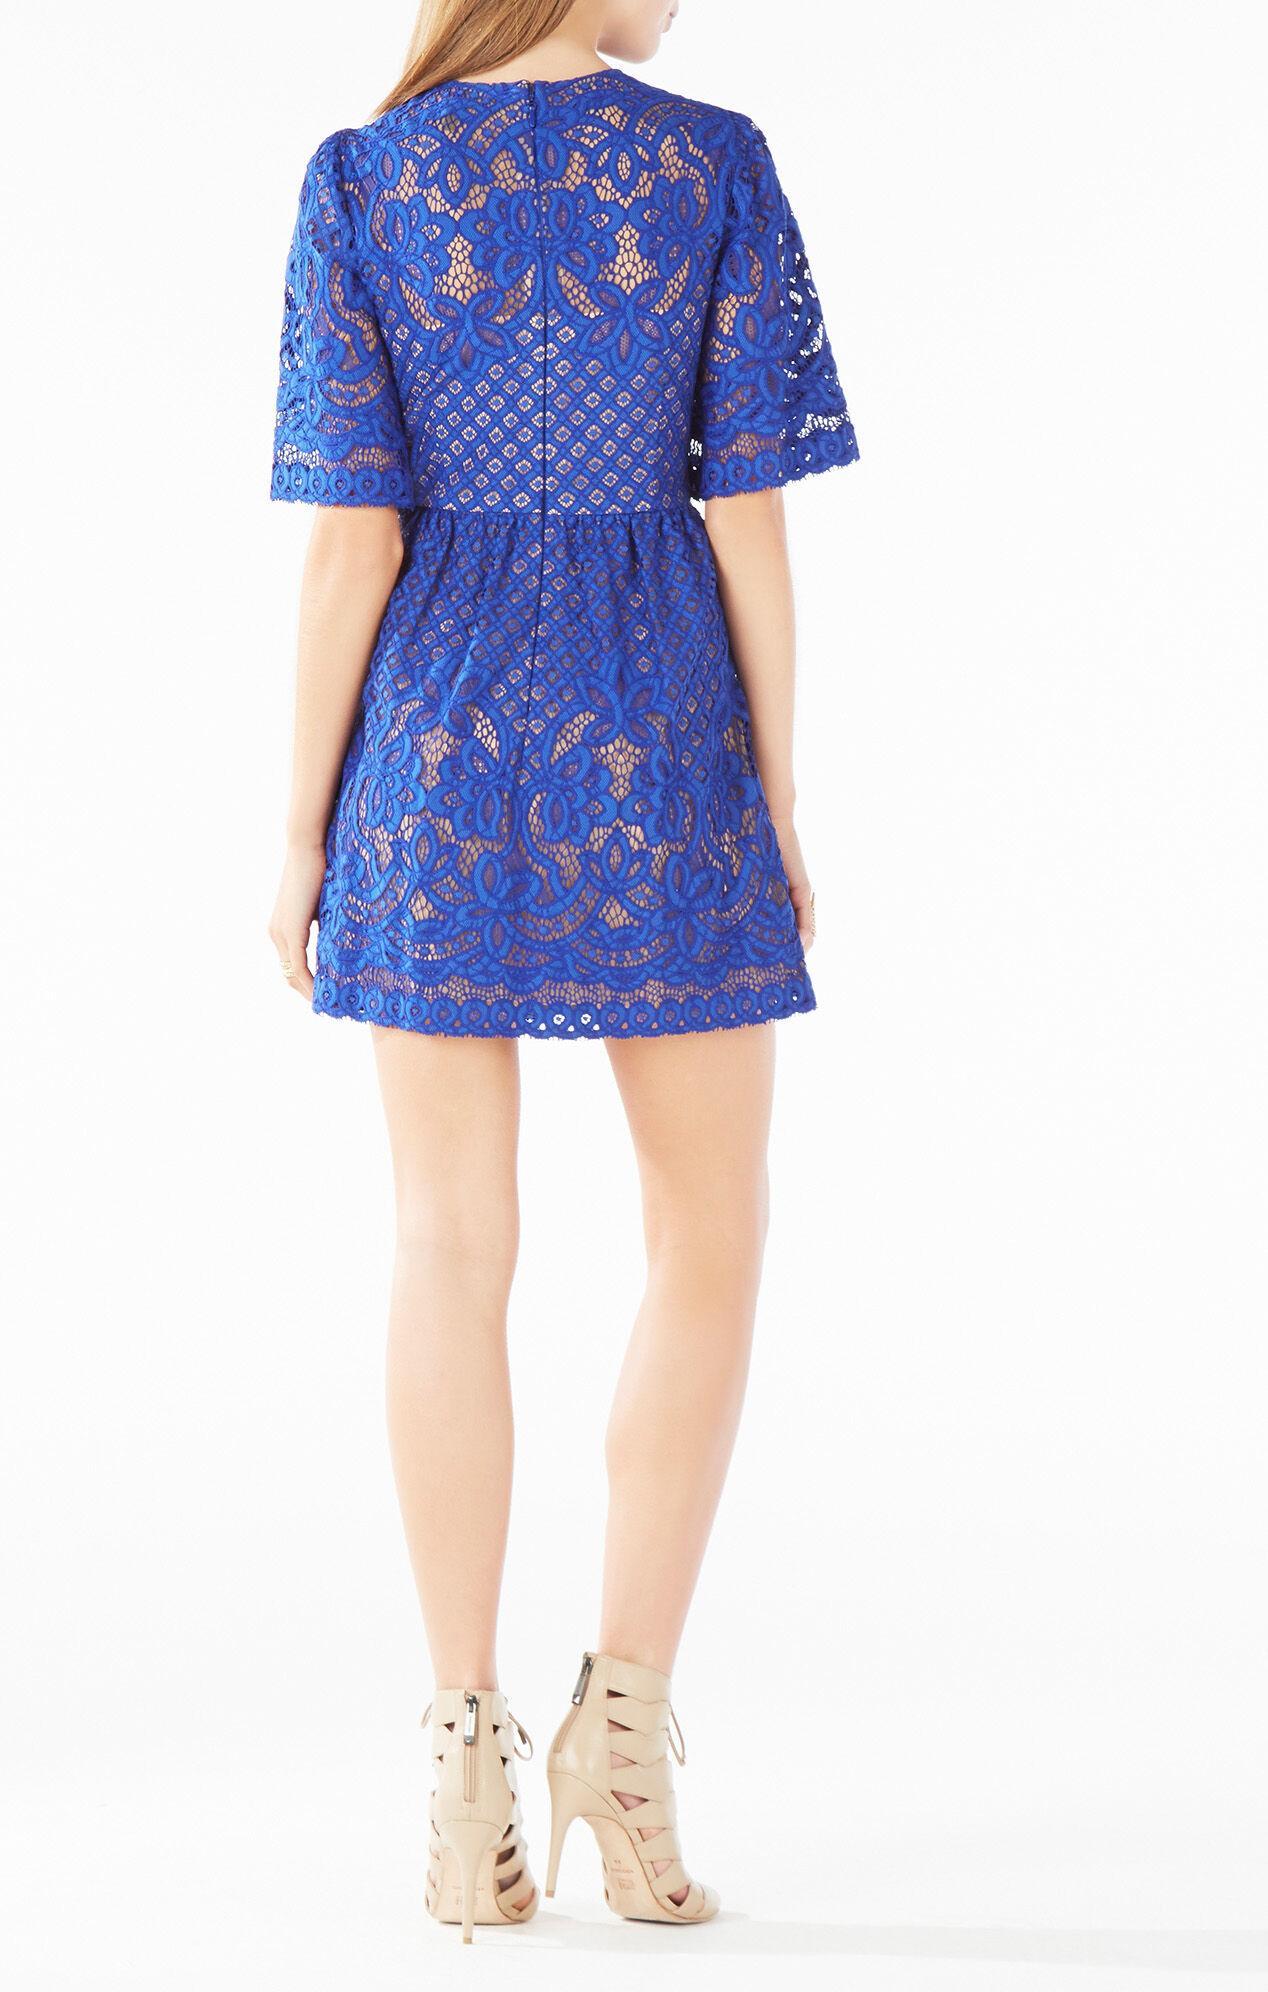 Bcbg cobalt blue lace dress